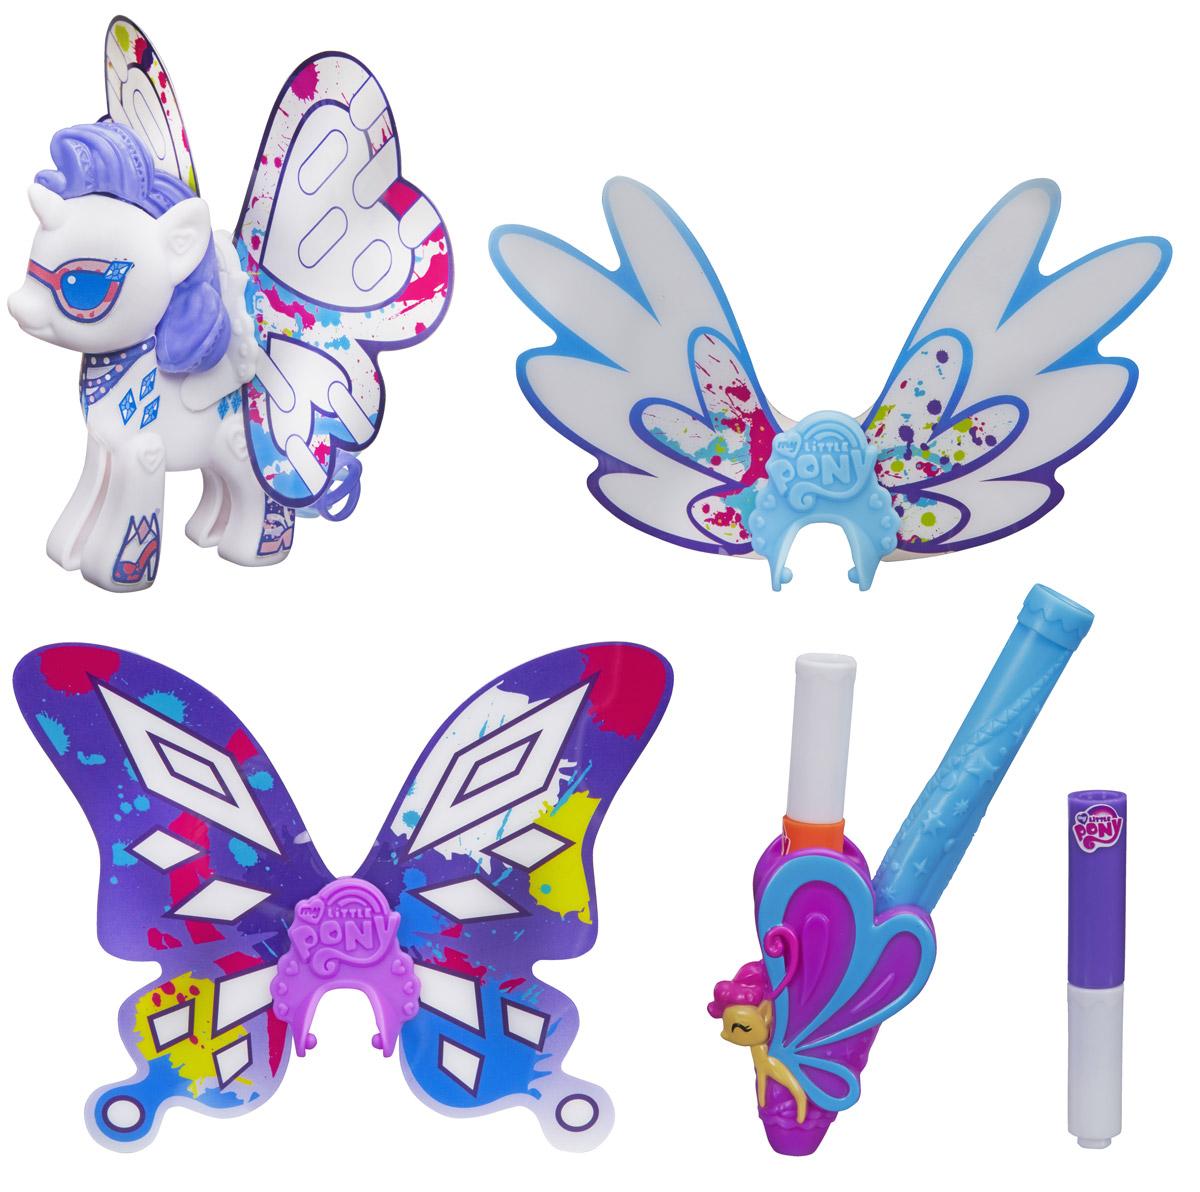 My Little Pony Фигурка Создай свою пони с крыльями RarityB3590EU4_B5677Фигурка My Little Pony Создай свою пони с крыльями. Rarity - это отличный набор для развития творческих способностей маленькой модницы. В наборе имеются элементы для сборки лошадки из популярного мультсериала Дружба - это чудо, а также набор аксессуаров для ее украшения. В наборе вы найдете: три пары разных крыльев (отличаются формой и узорами), разноцветные маркеры и наклейки. Раскрасьте крылья, подберите нужные стикеры и создайте свой уникальный образ стильной пони. Ваша малышка будет в восторге от такого подарка!